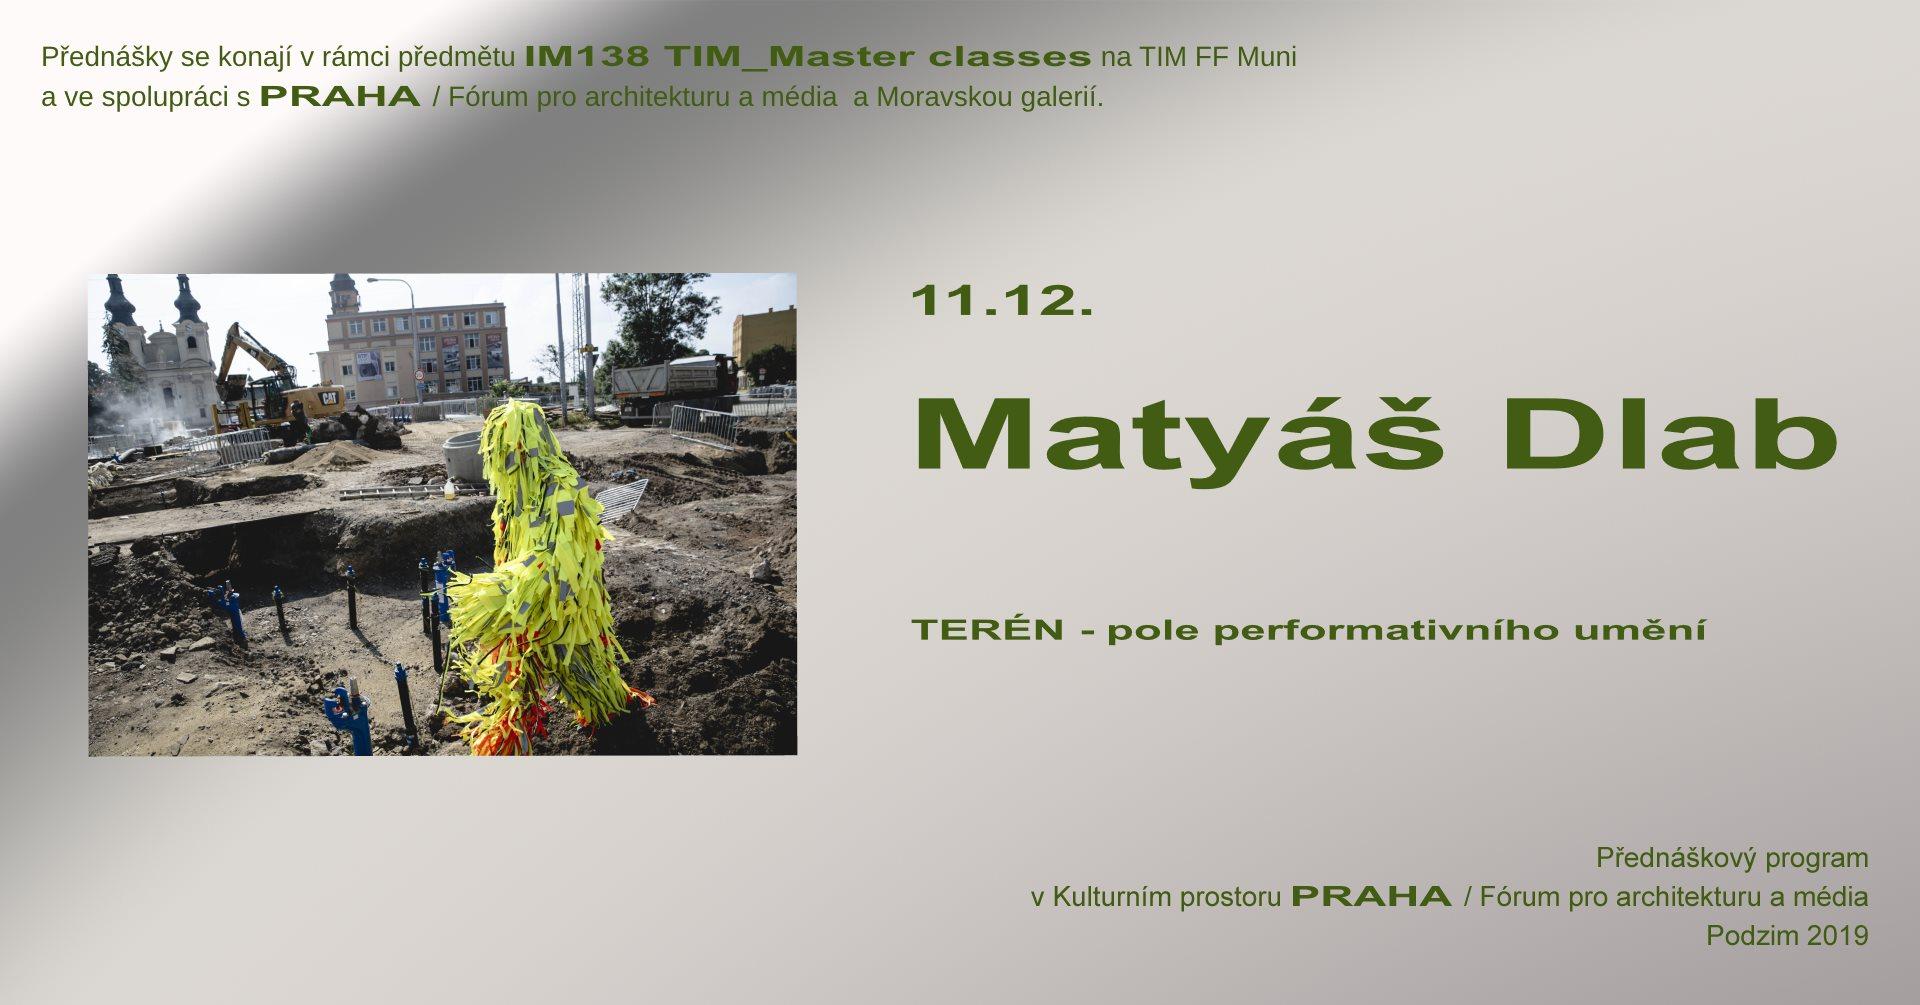 ST / 11.12. / 19.00 / TIM Master class: Matyáš Dlab – Terén pole performativního umění / přednáška, diskuse